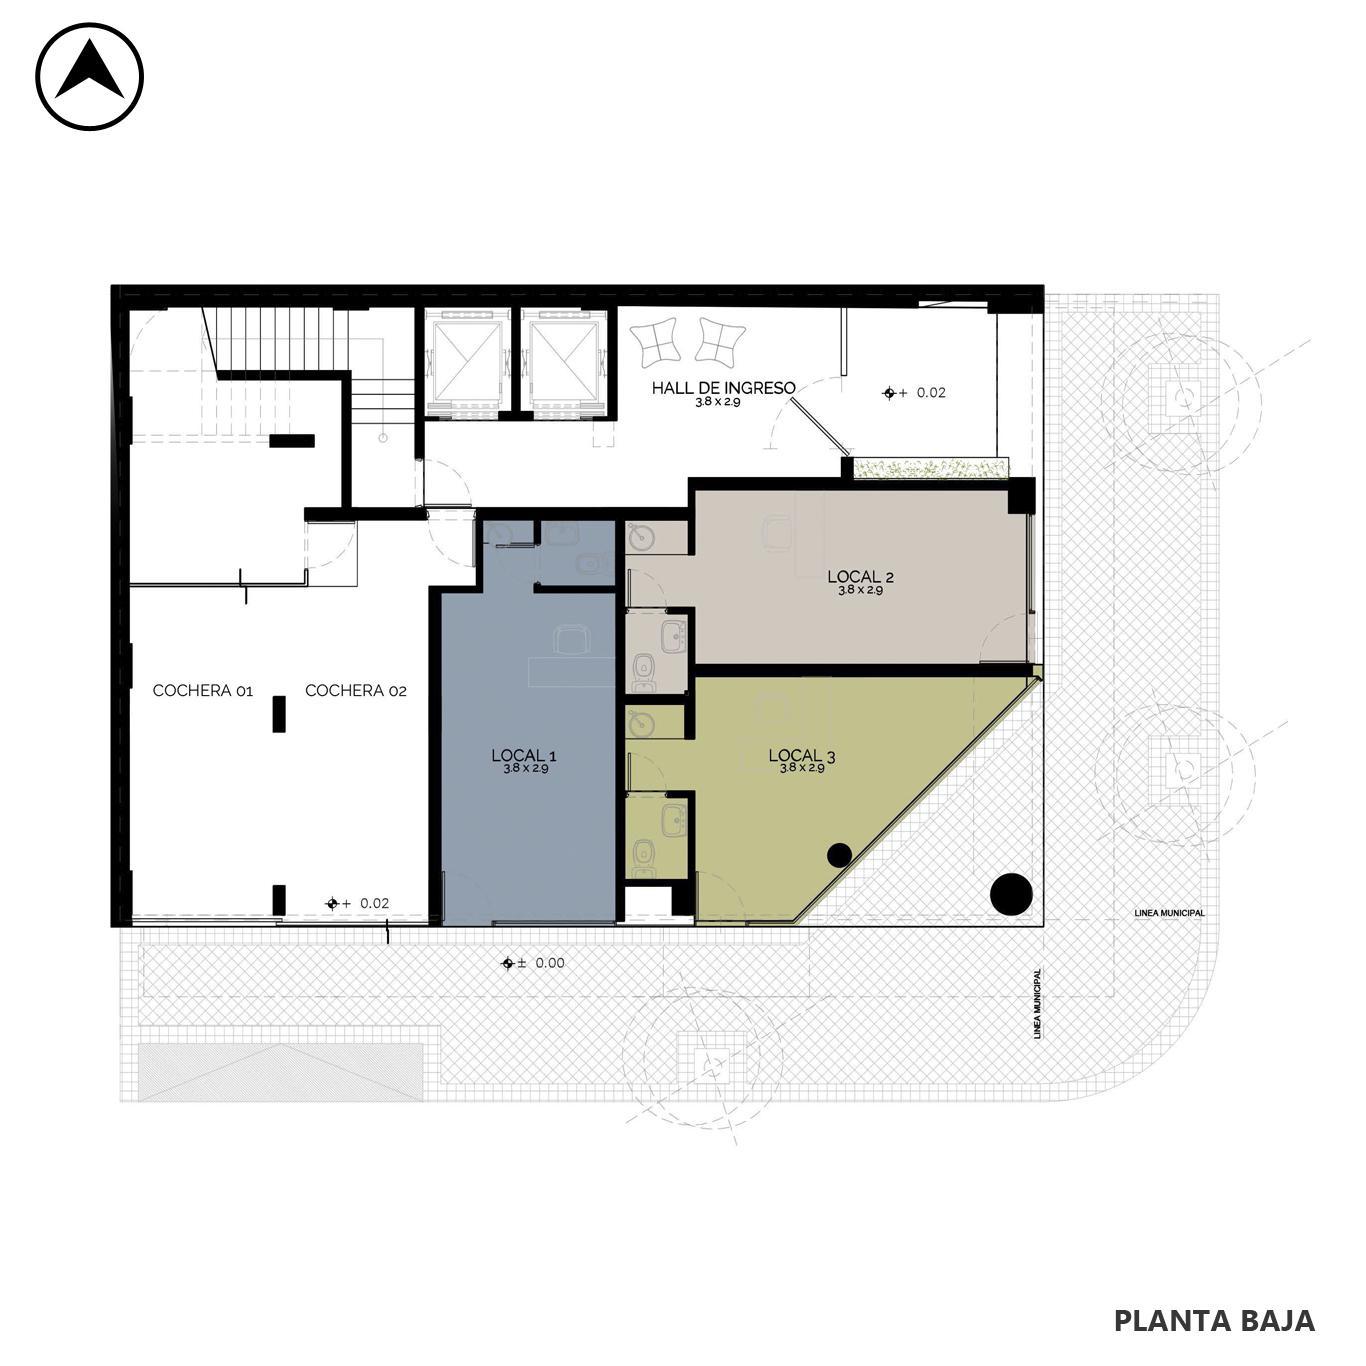 Venta departamento 2 dormitorios Rosario, República De La Sexta. Cod CBU24834 AP2314109. Crestale Propiedades